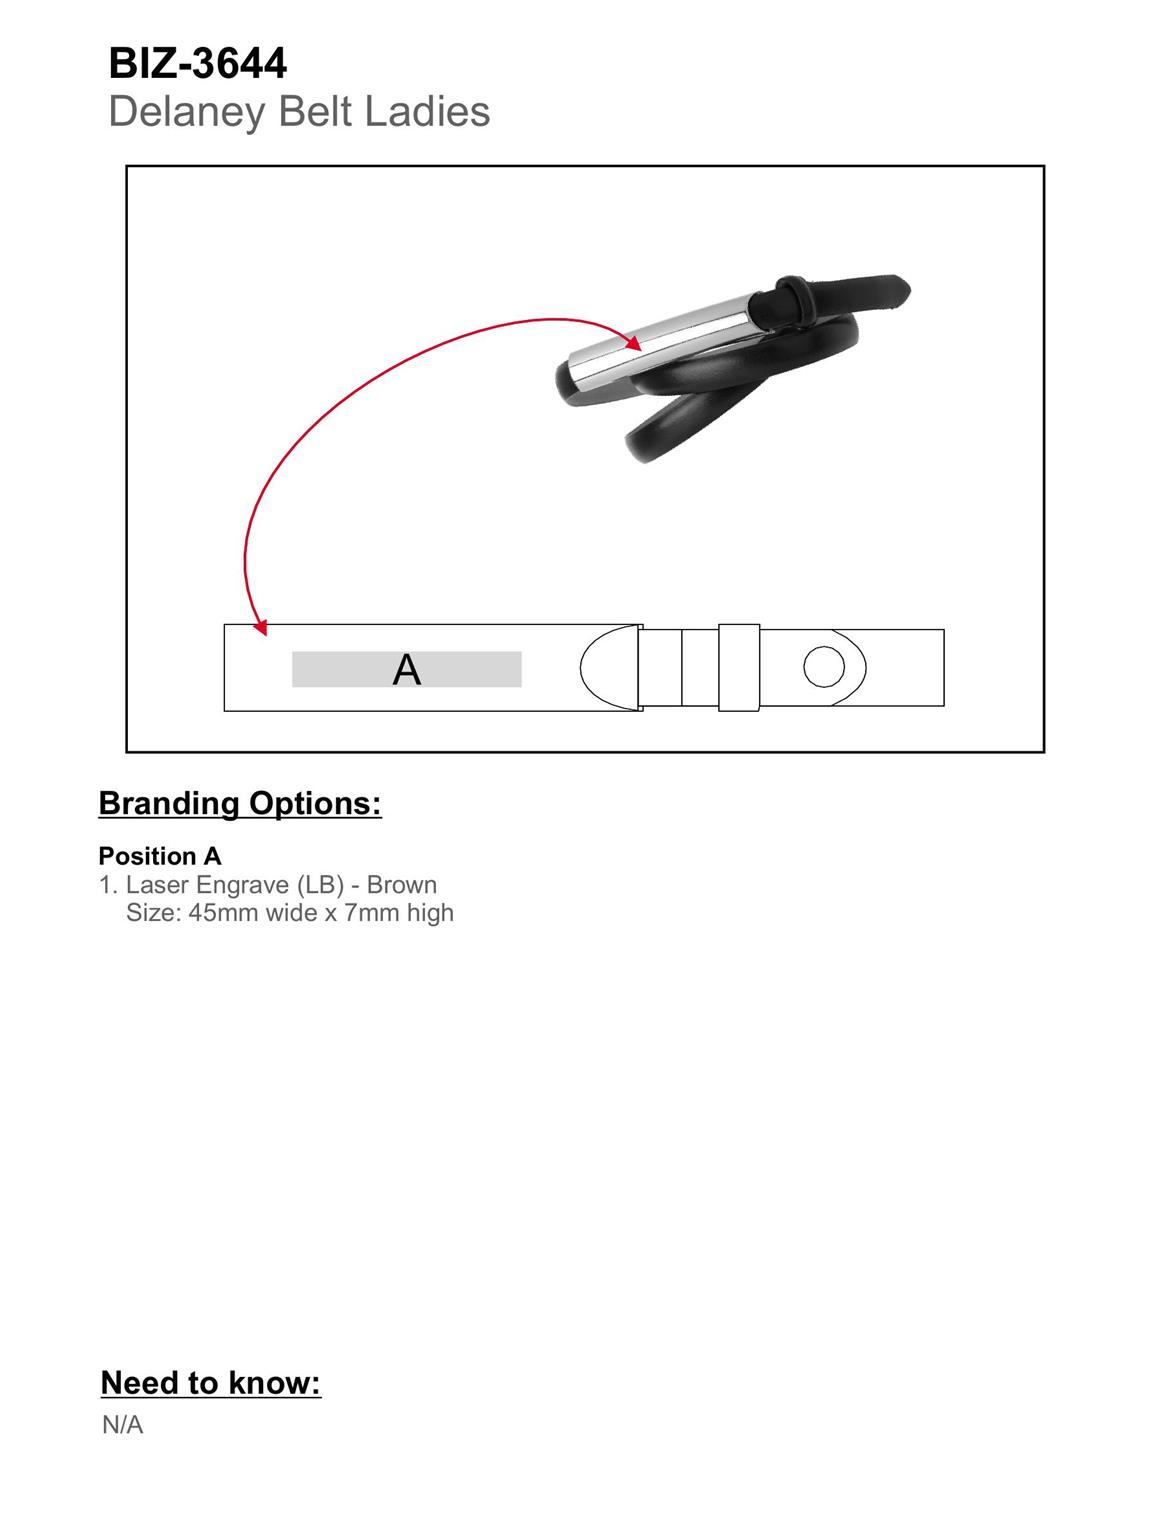 BIZ-3644 product layout